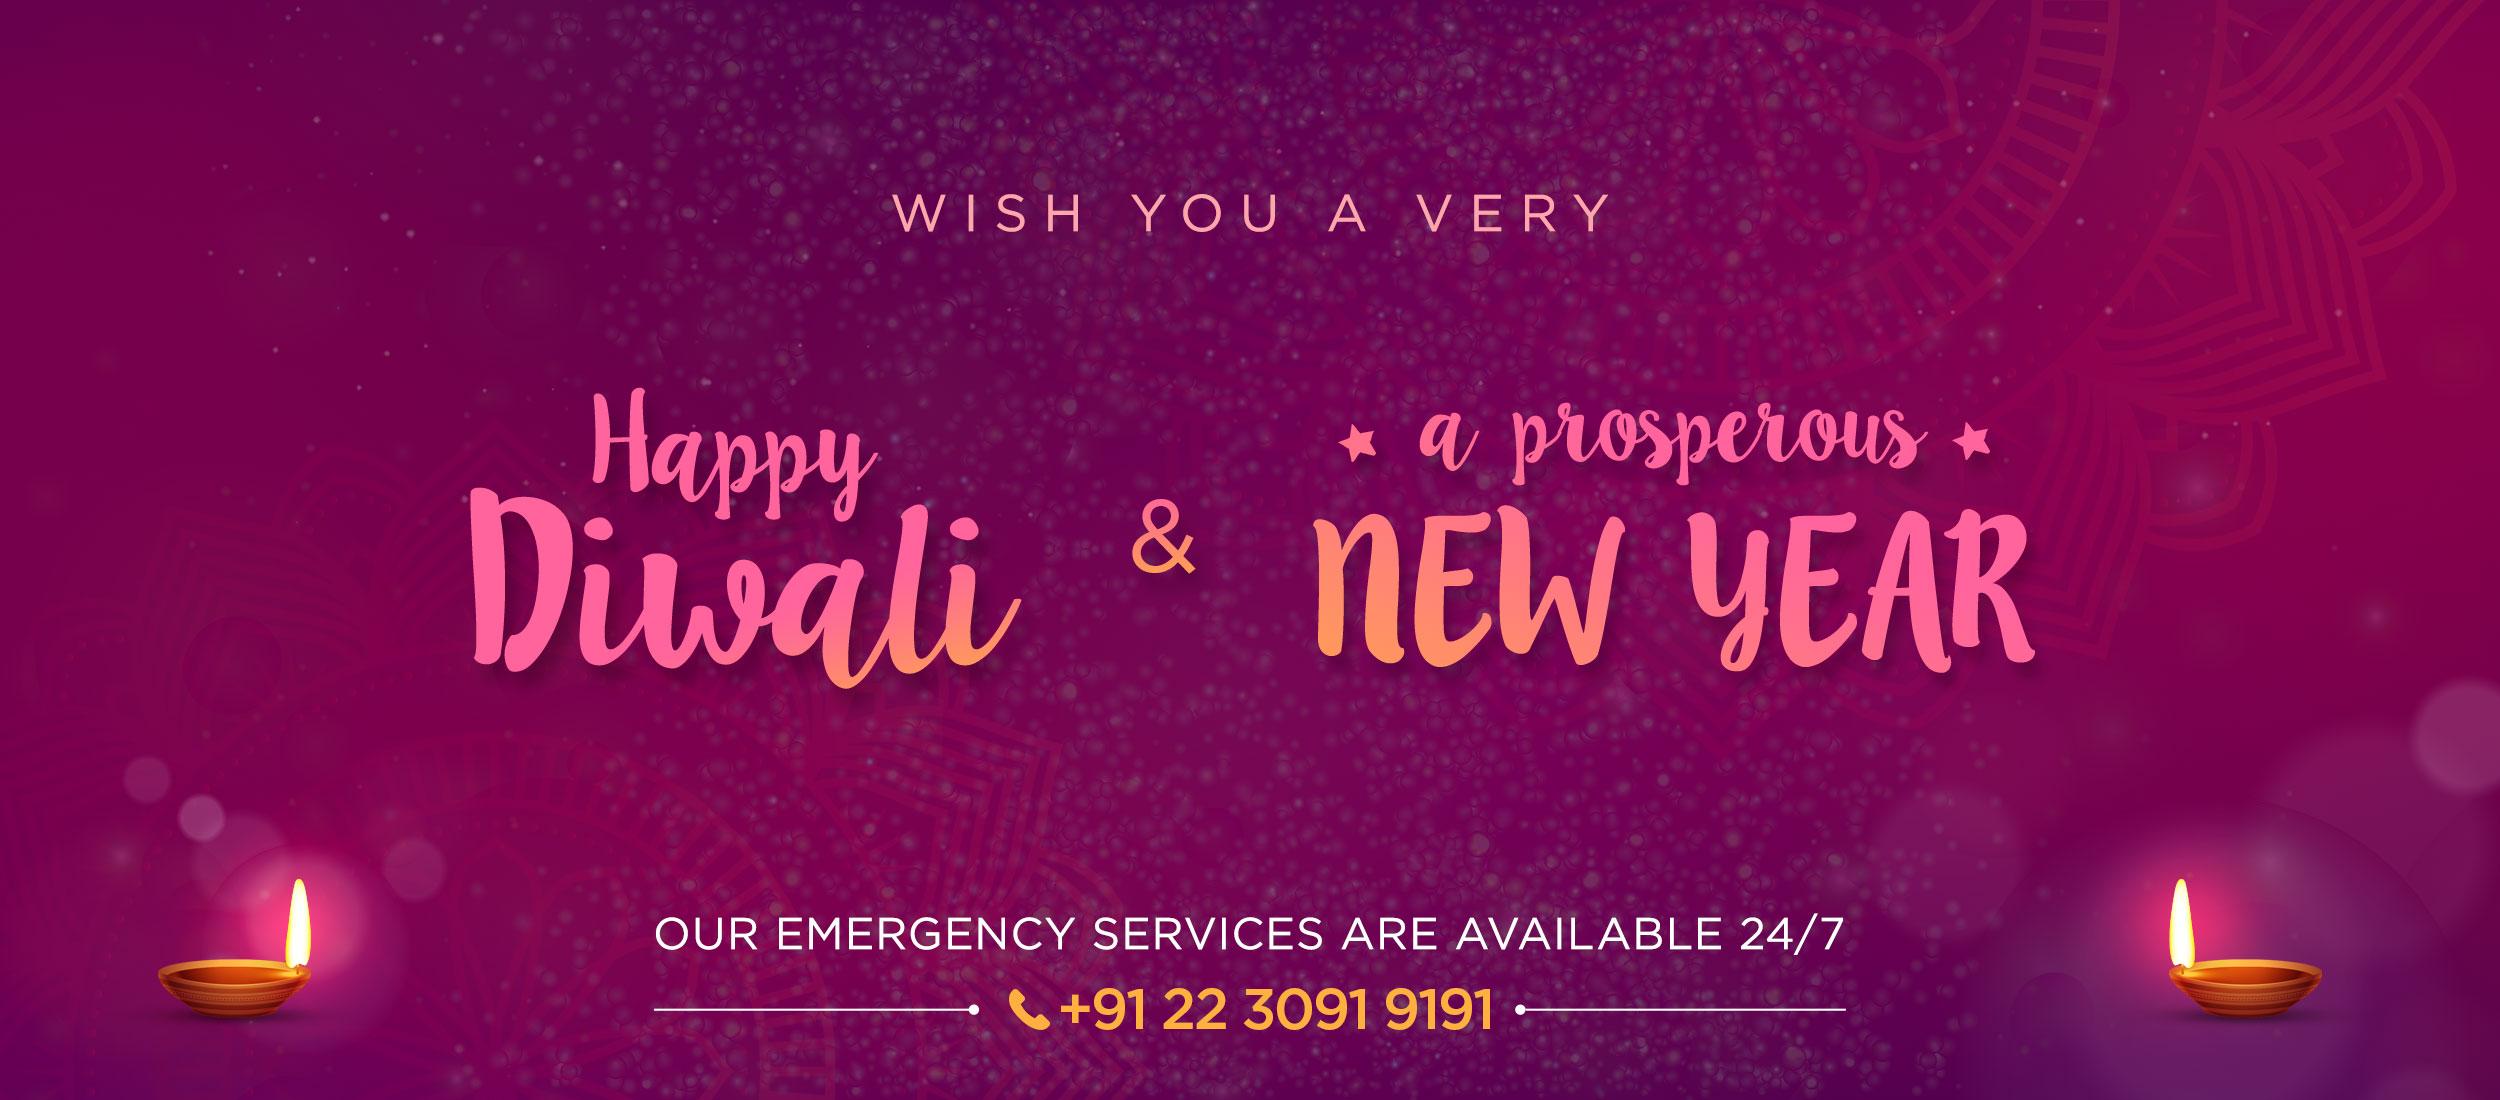 Kokilaben Dhirubhai Ambani Hospital - Happy Diwali 2017